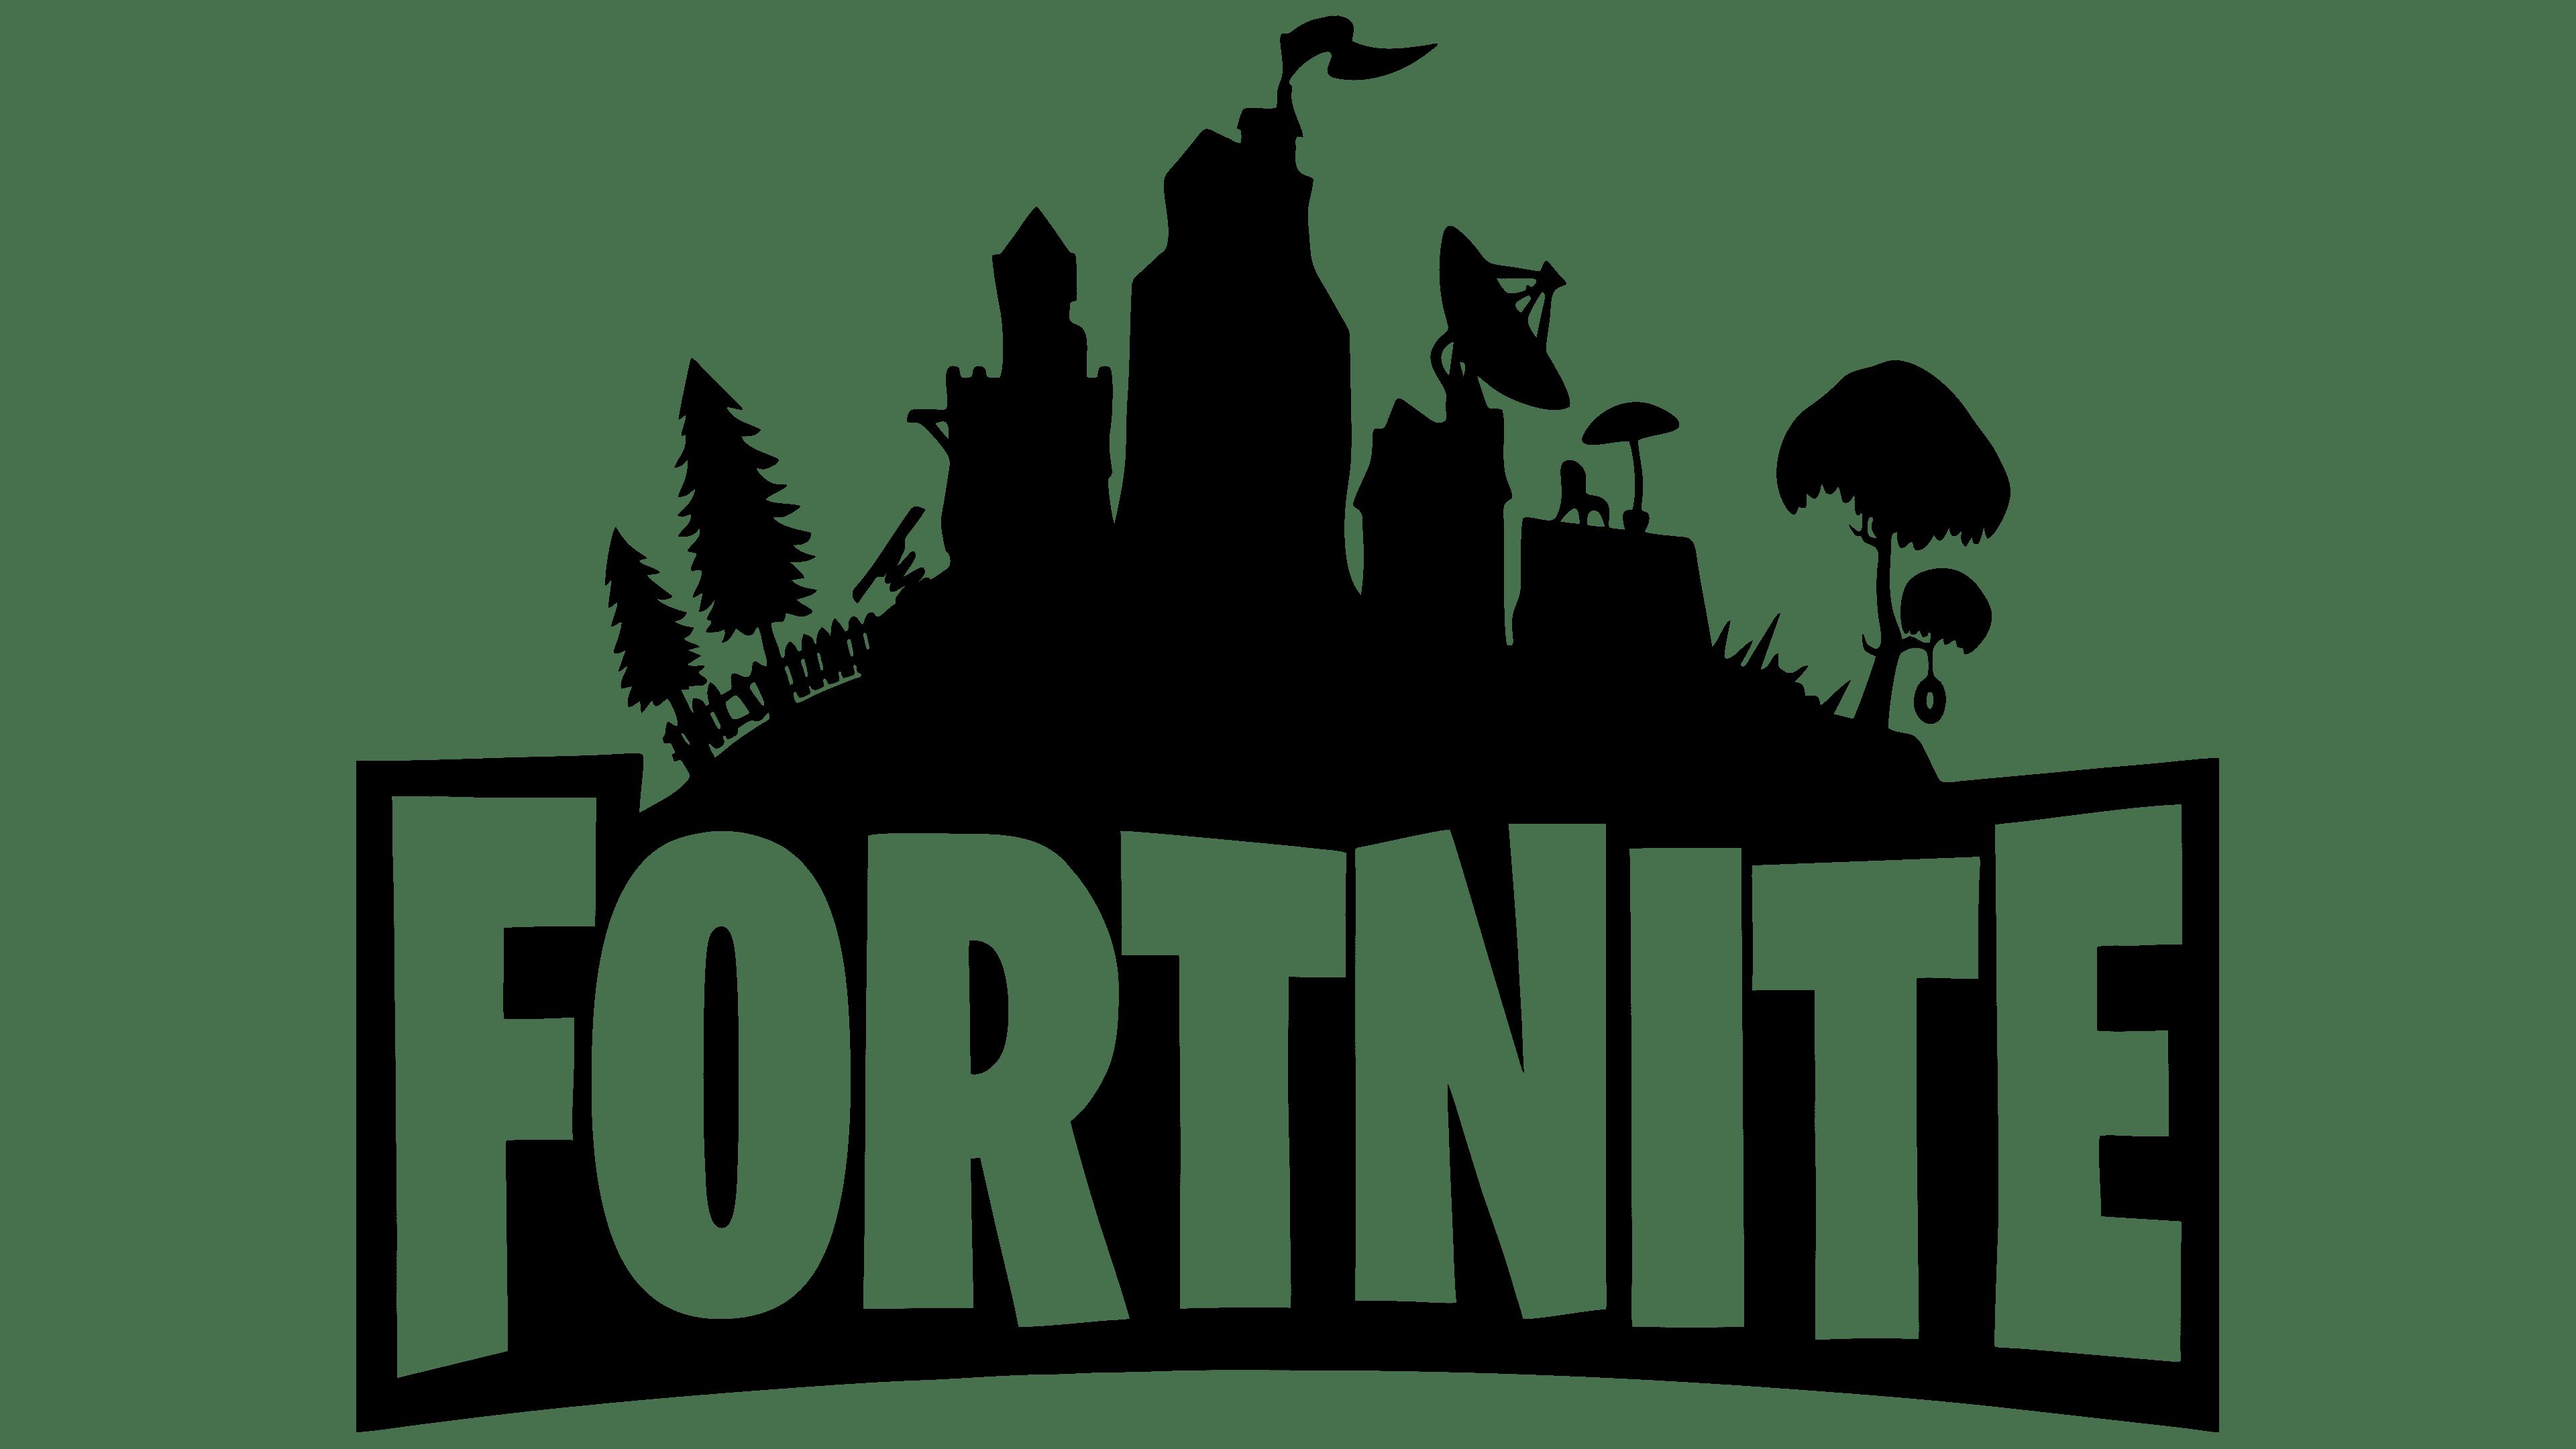 Fortnite Emblem